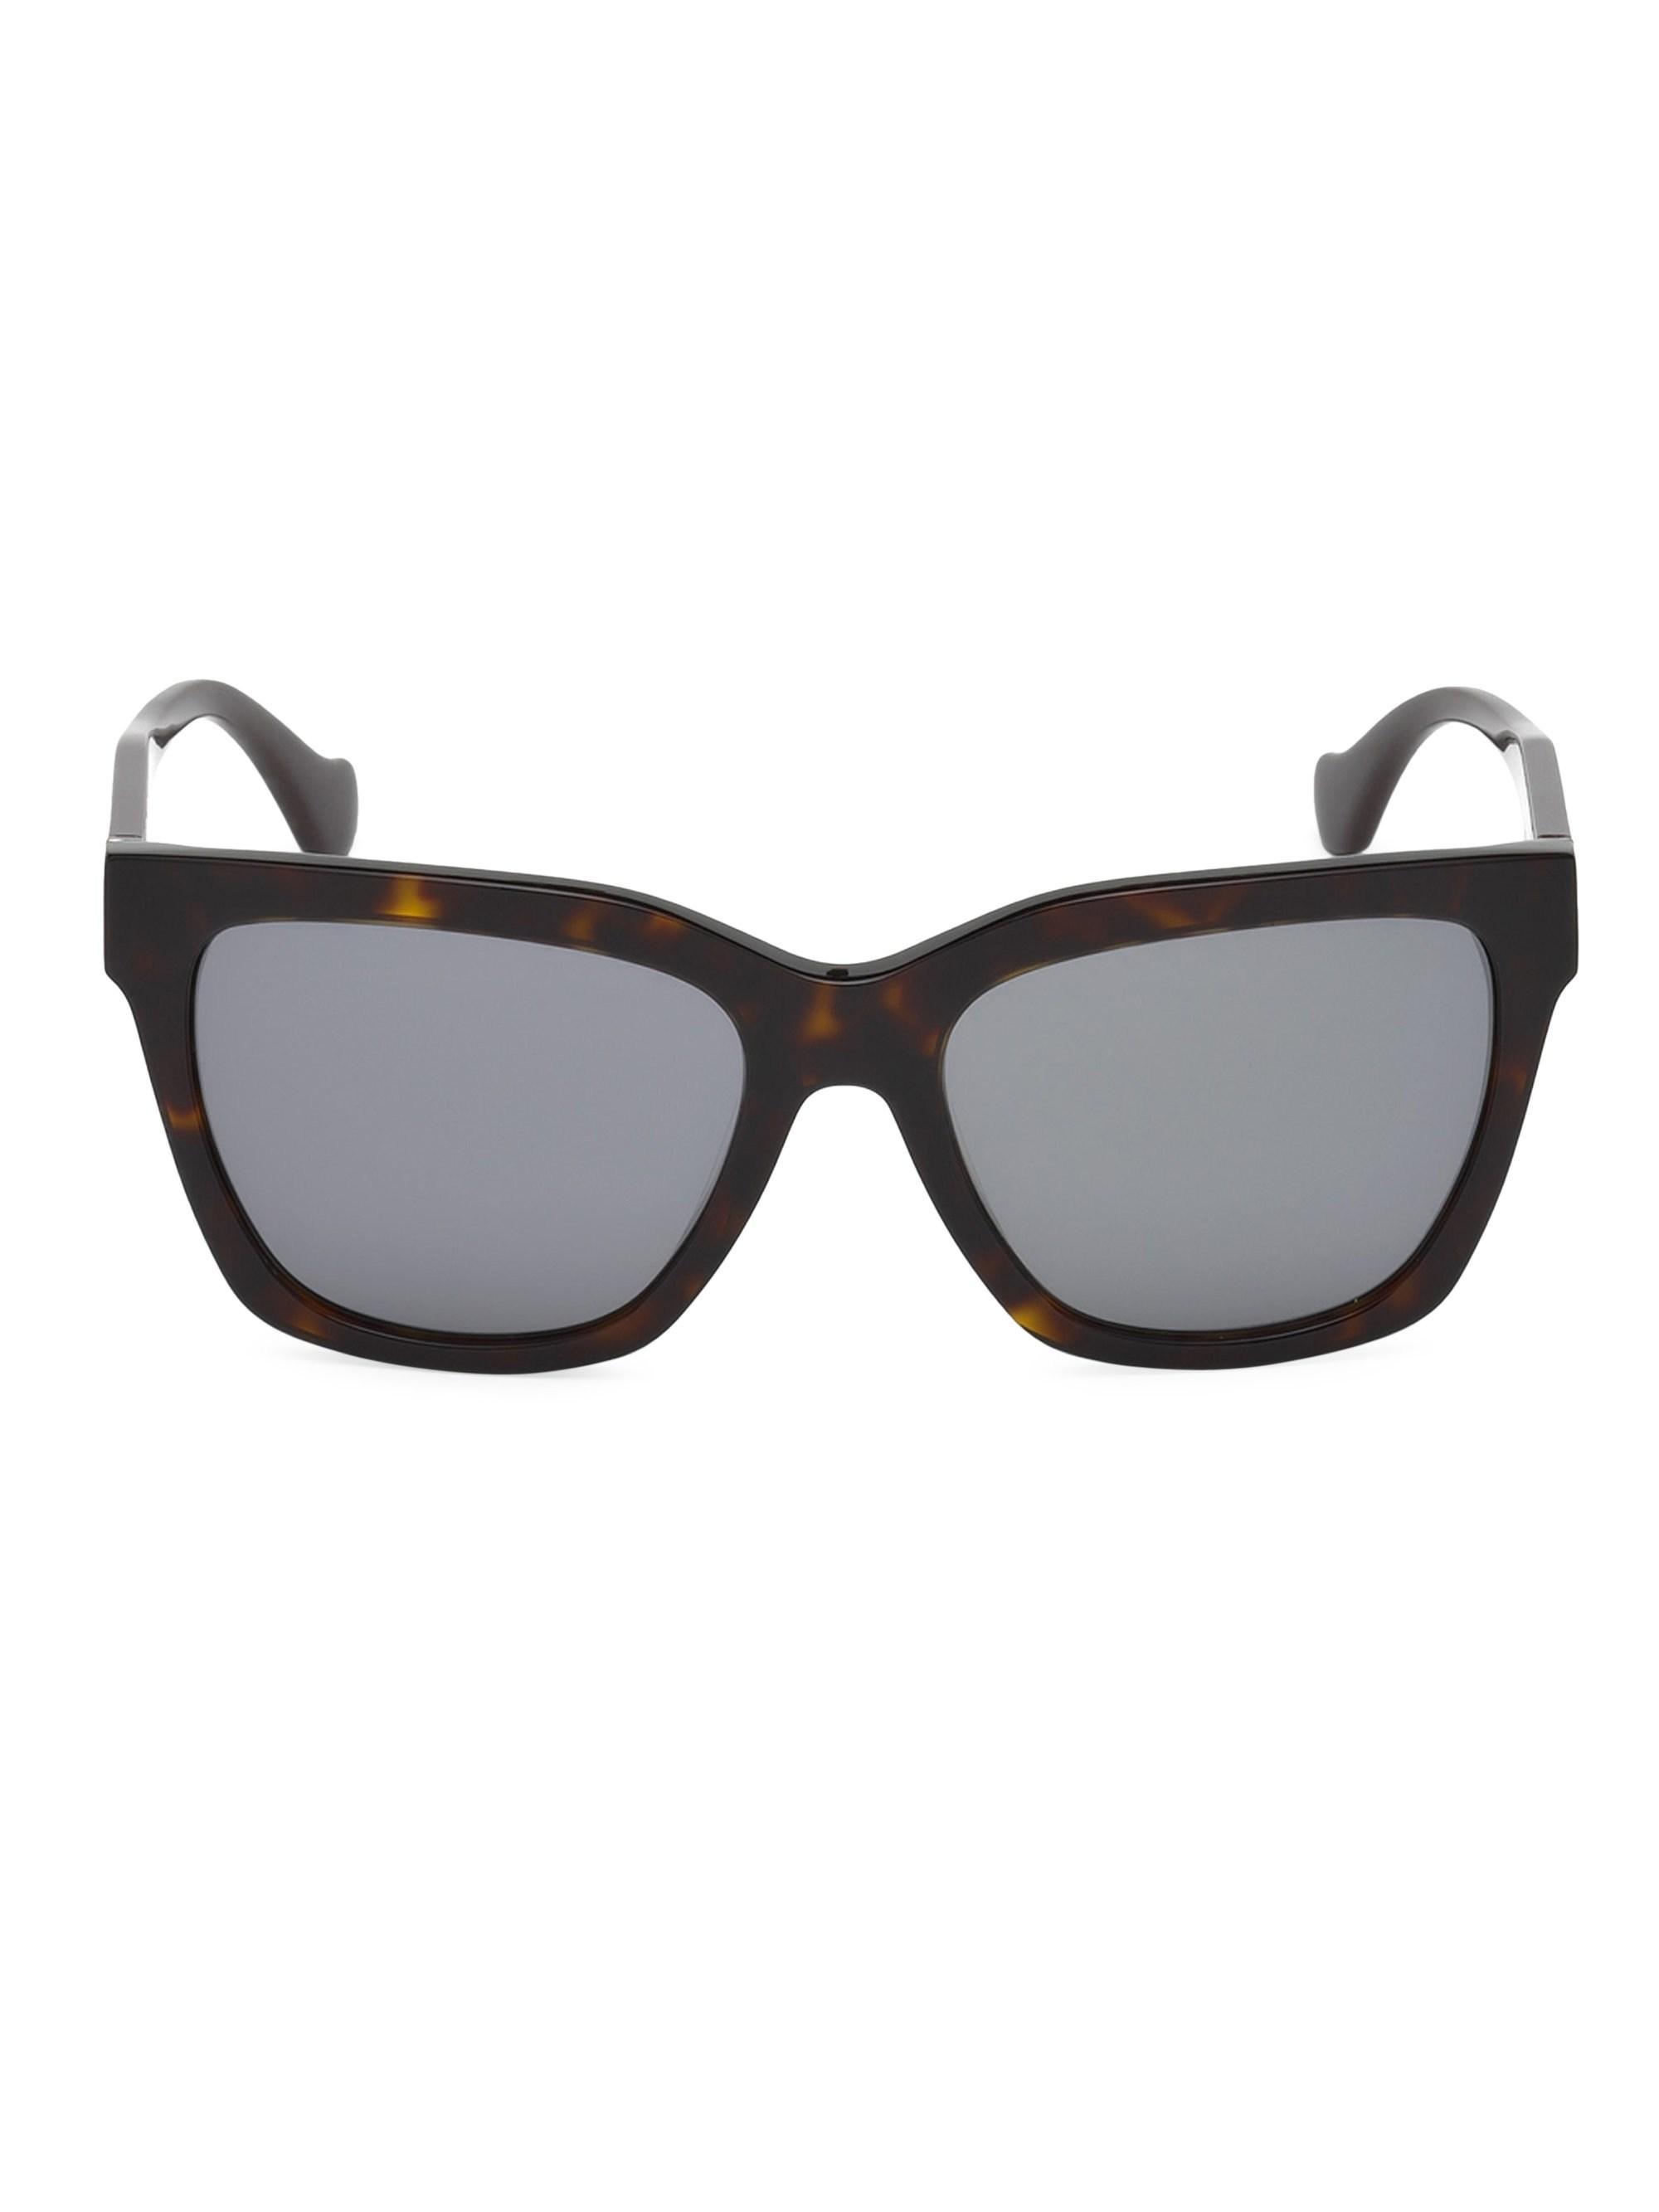 b1cec409fc5 Lyst - Balenciaga 55mm Square Sunglasses in Gray for Men